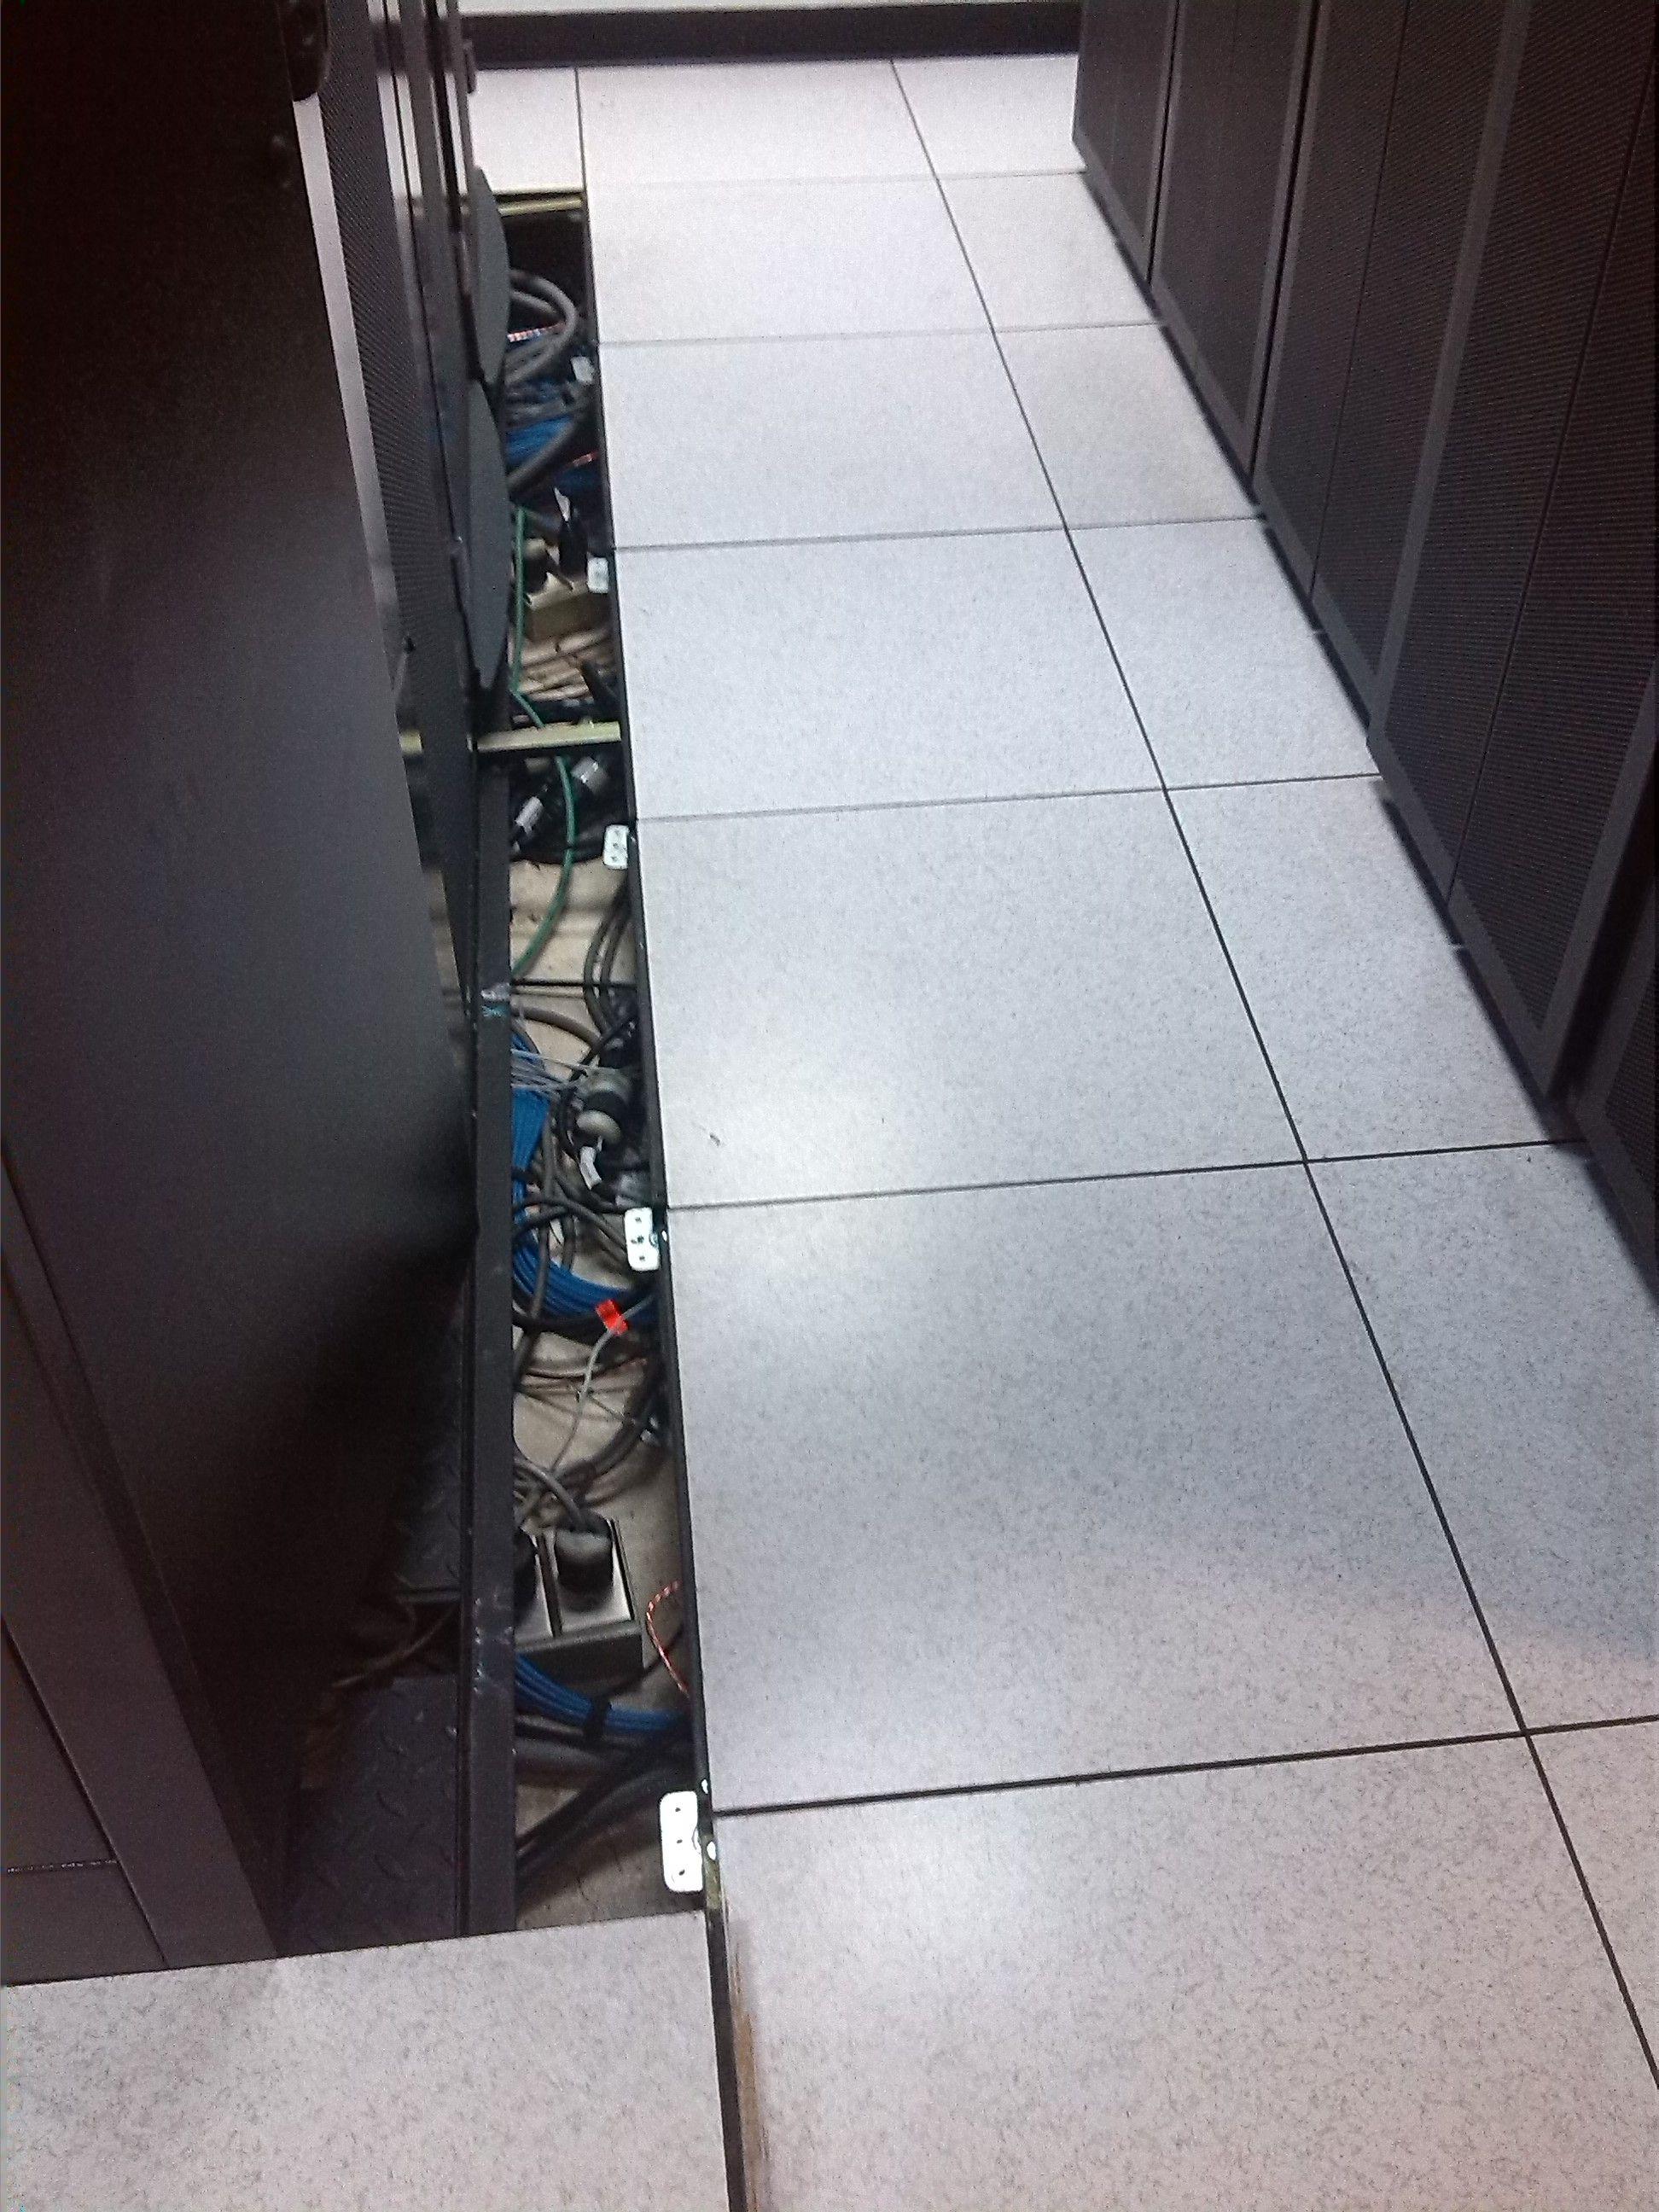 gabinetes en funcionamiento instalados sobre bases metálicas antisísmicas, cerramiento con piso técnico.